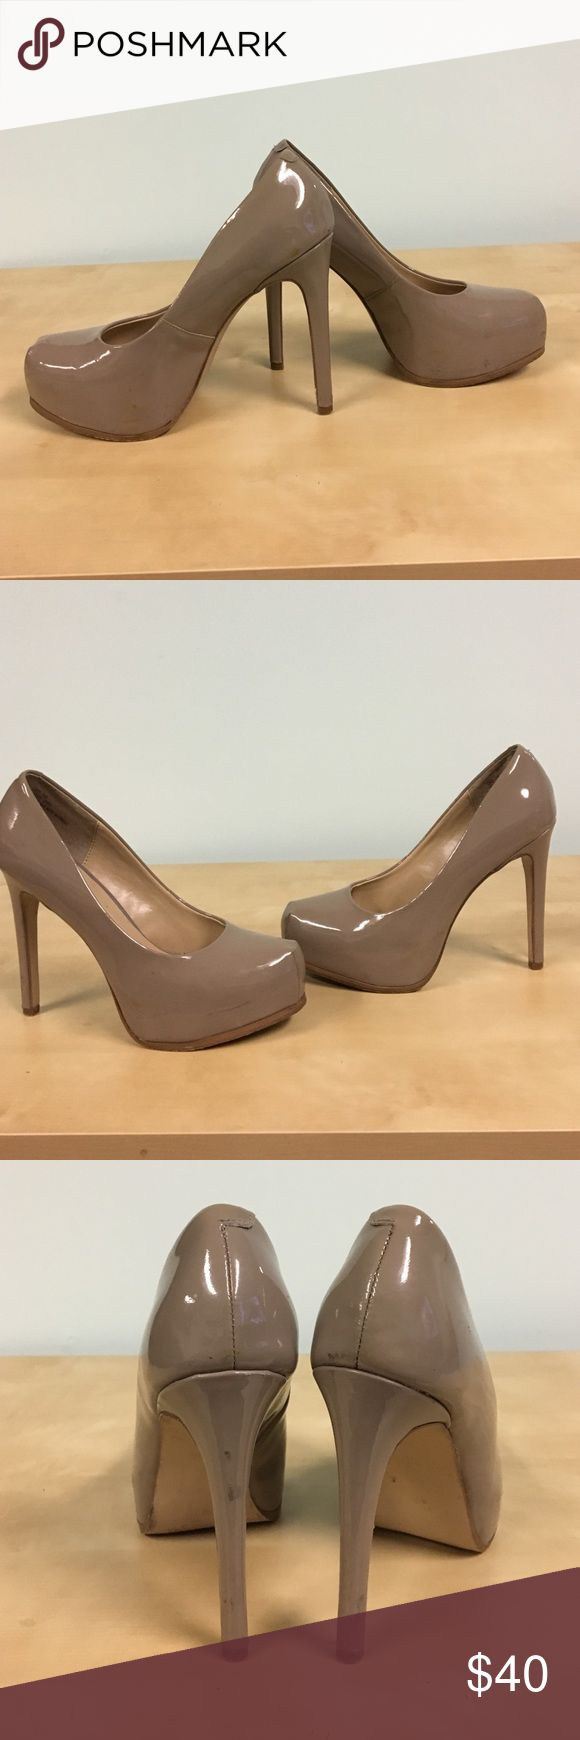 Kelsi Dagger Linzy Patent Leather Pumps Kelsi Dagger Linzy Patent Leather Pumps. Greyish color. Used. Hidden platform. Kelsi Dagger Shoes Heels